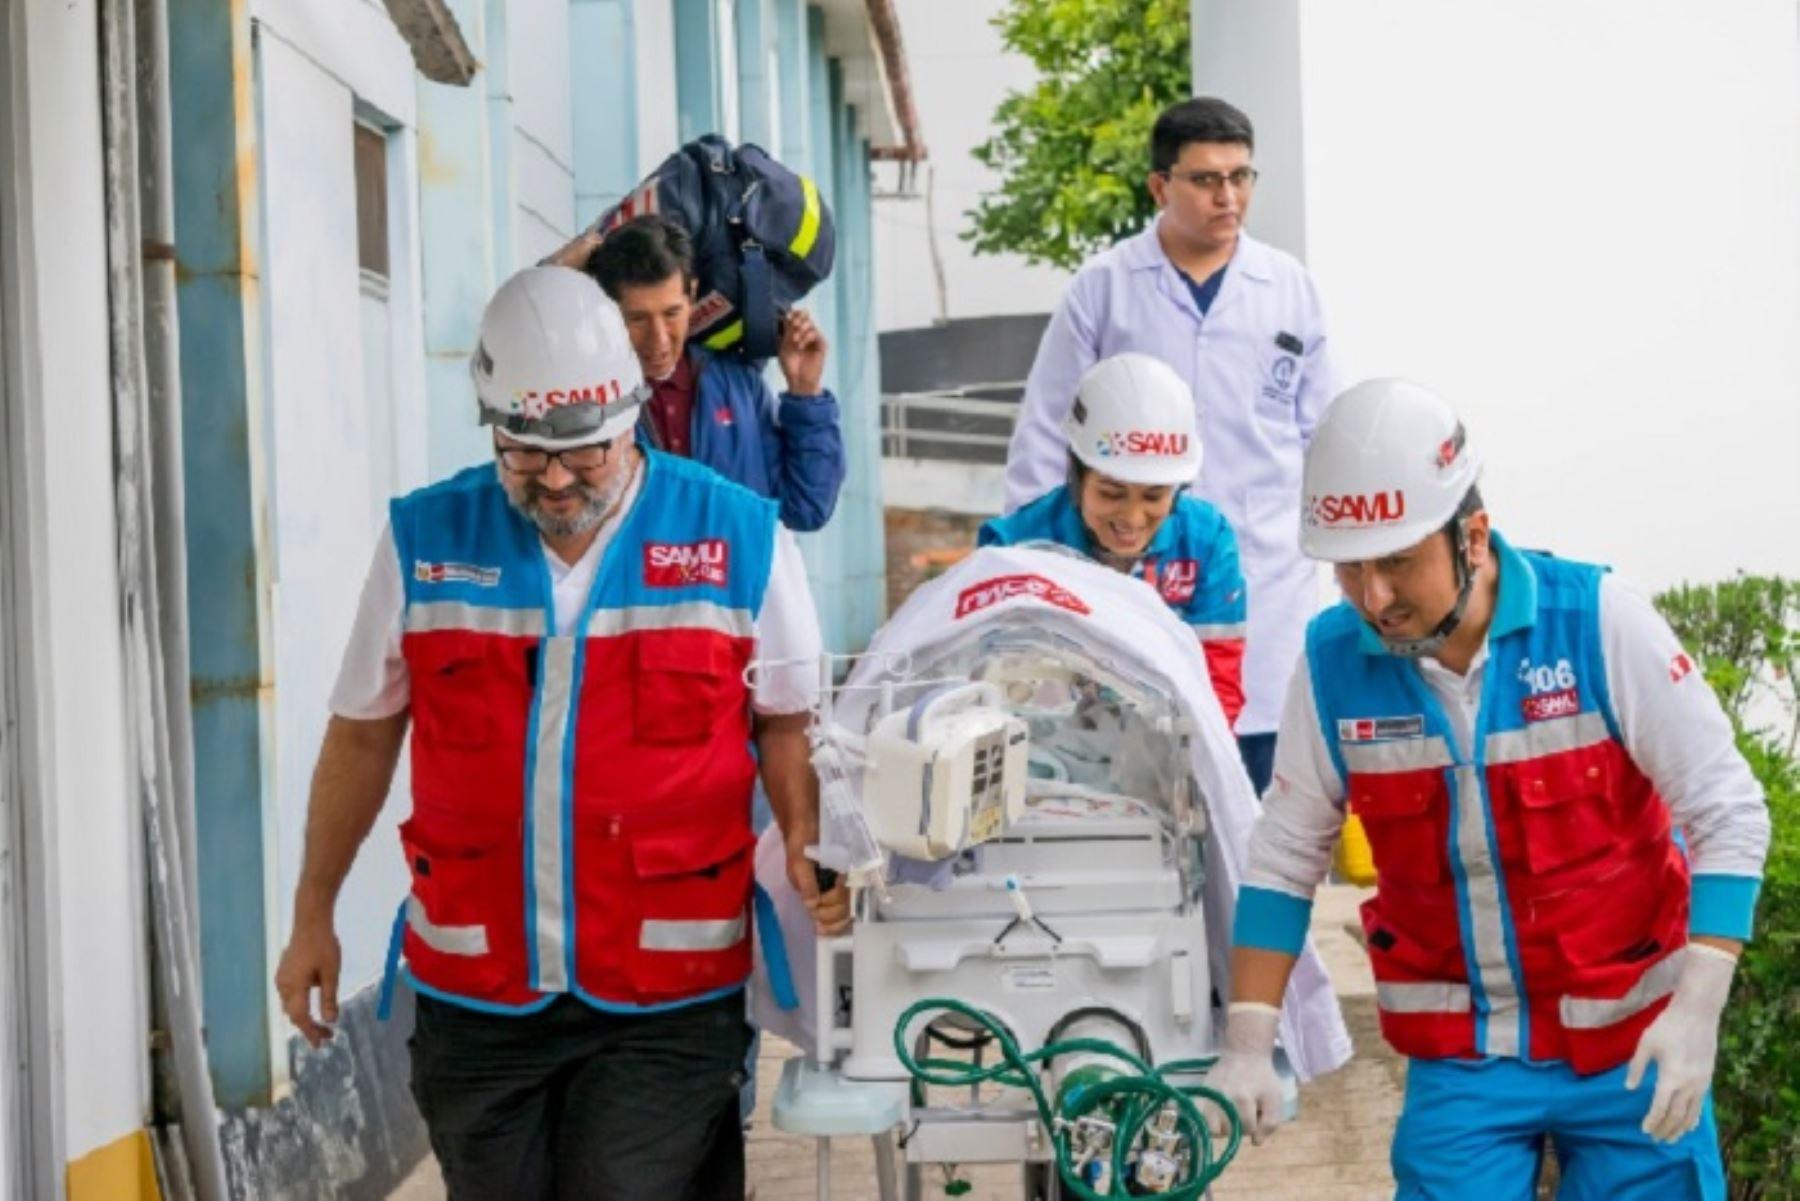 Especialistas del Sistema de Atención Móvil de Urgencias (Samu) del Ministerio de Salud (Minsa) trasladaron, vía aérea, a un bebé prematuro desde la provincia de Andahuaylas, región Apurímac, a Lima, debido a que presentaba complicaciones severas a su salud.